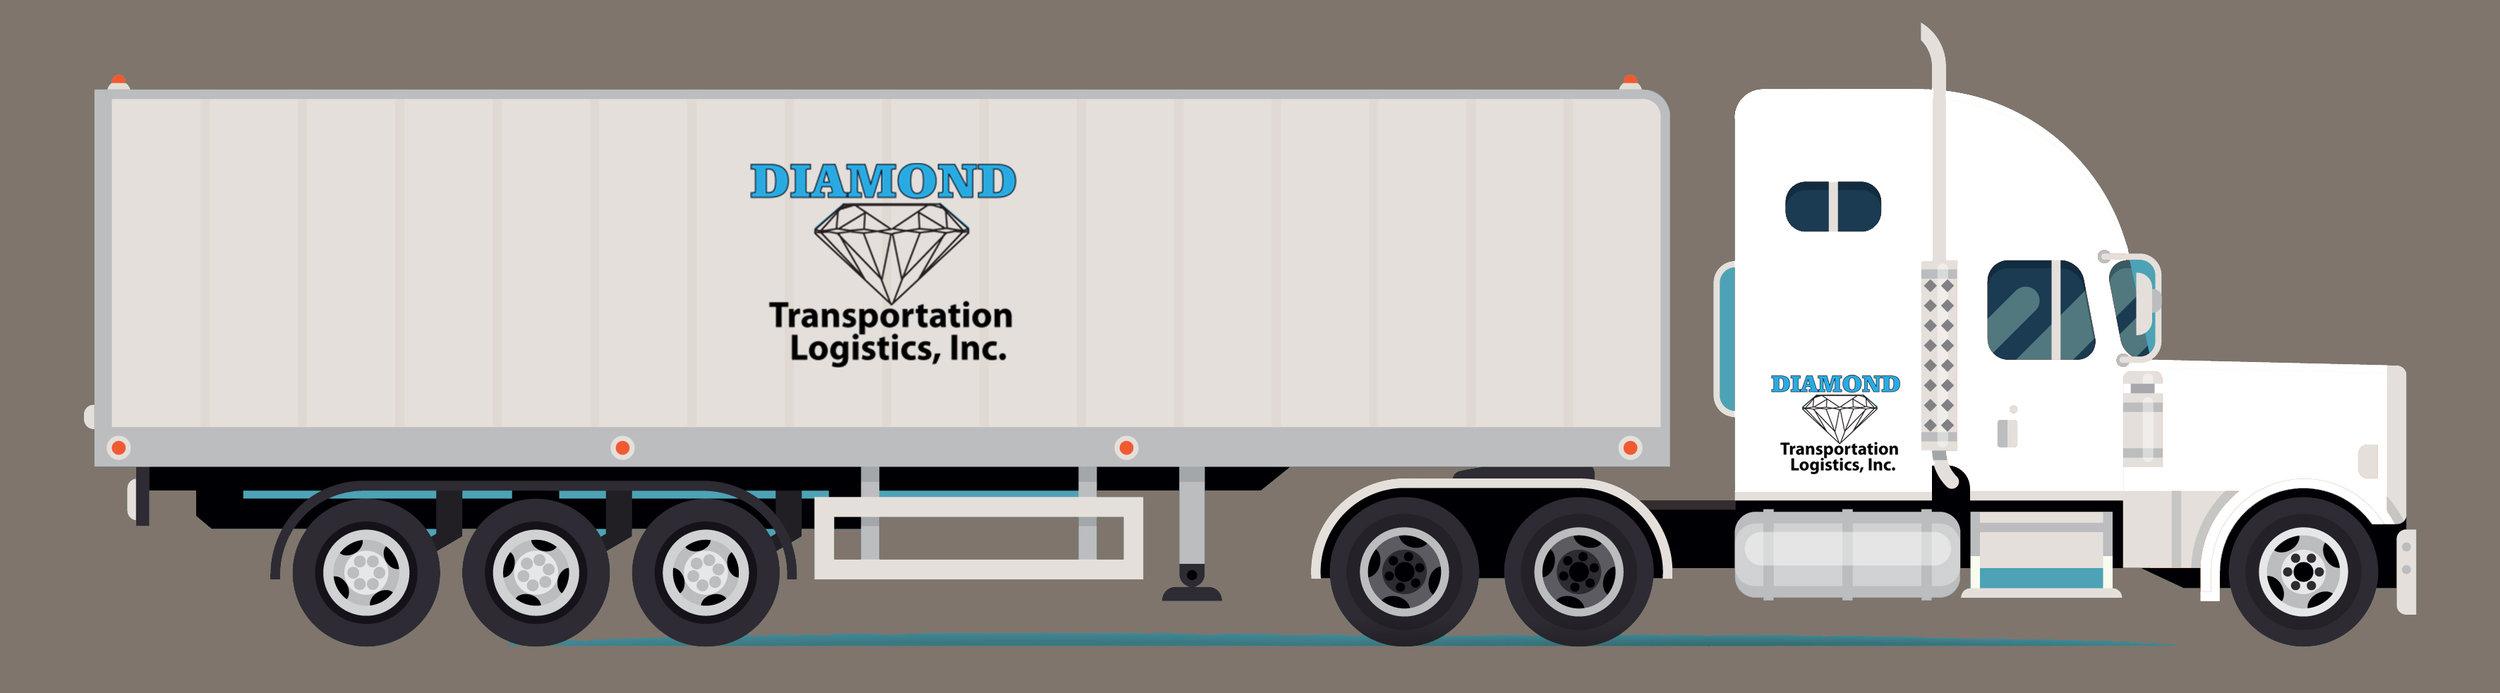 DiamondTruck.jpg